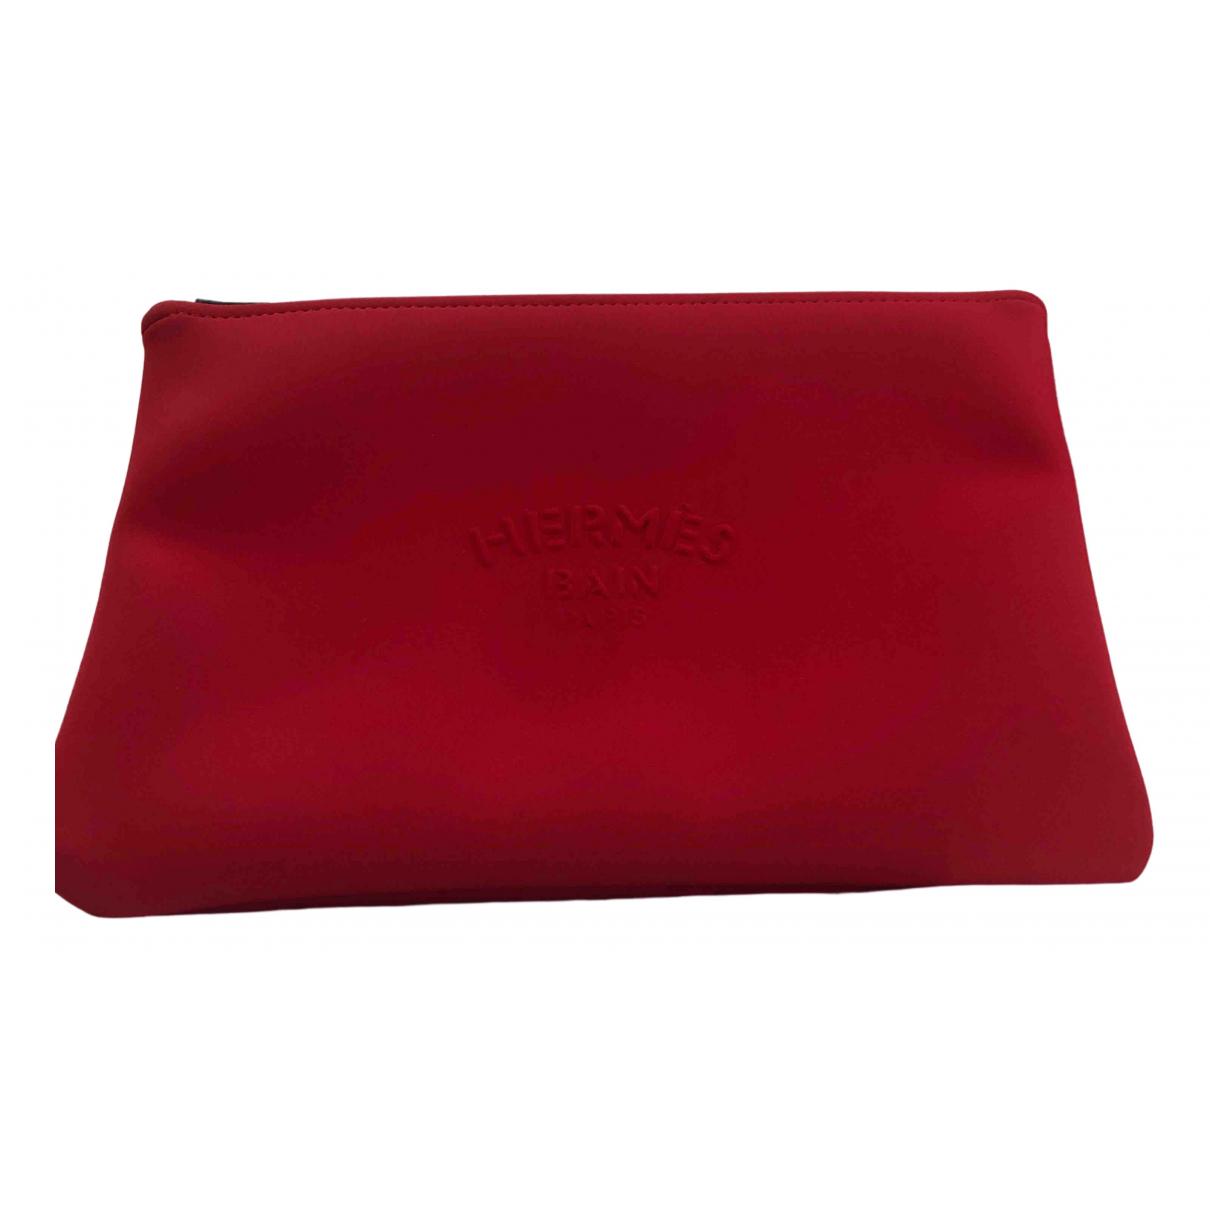 Bolsos clutch en Sintetico Rojo Hermes